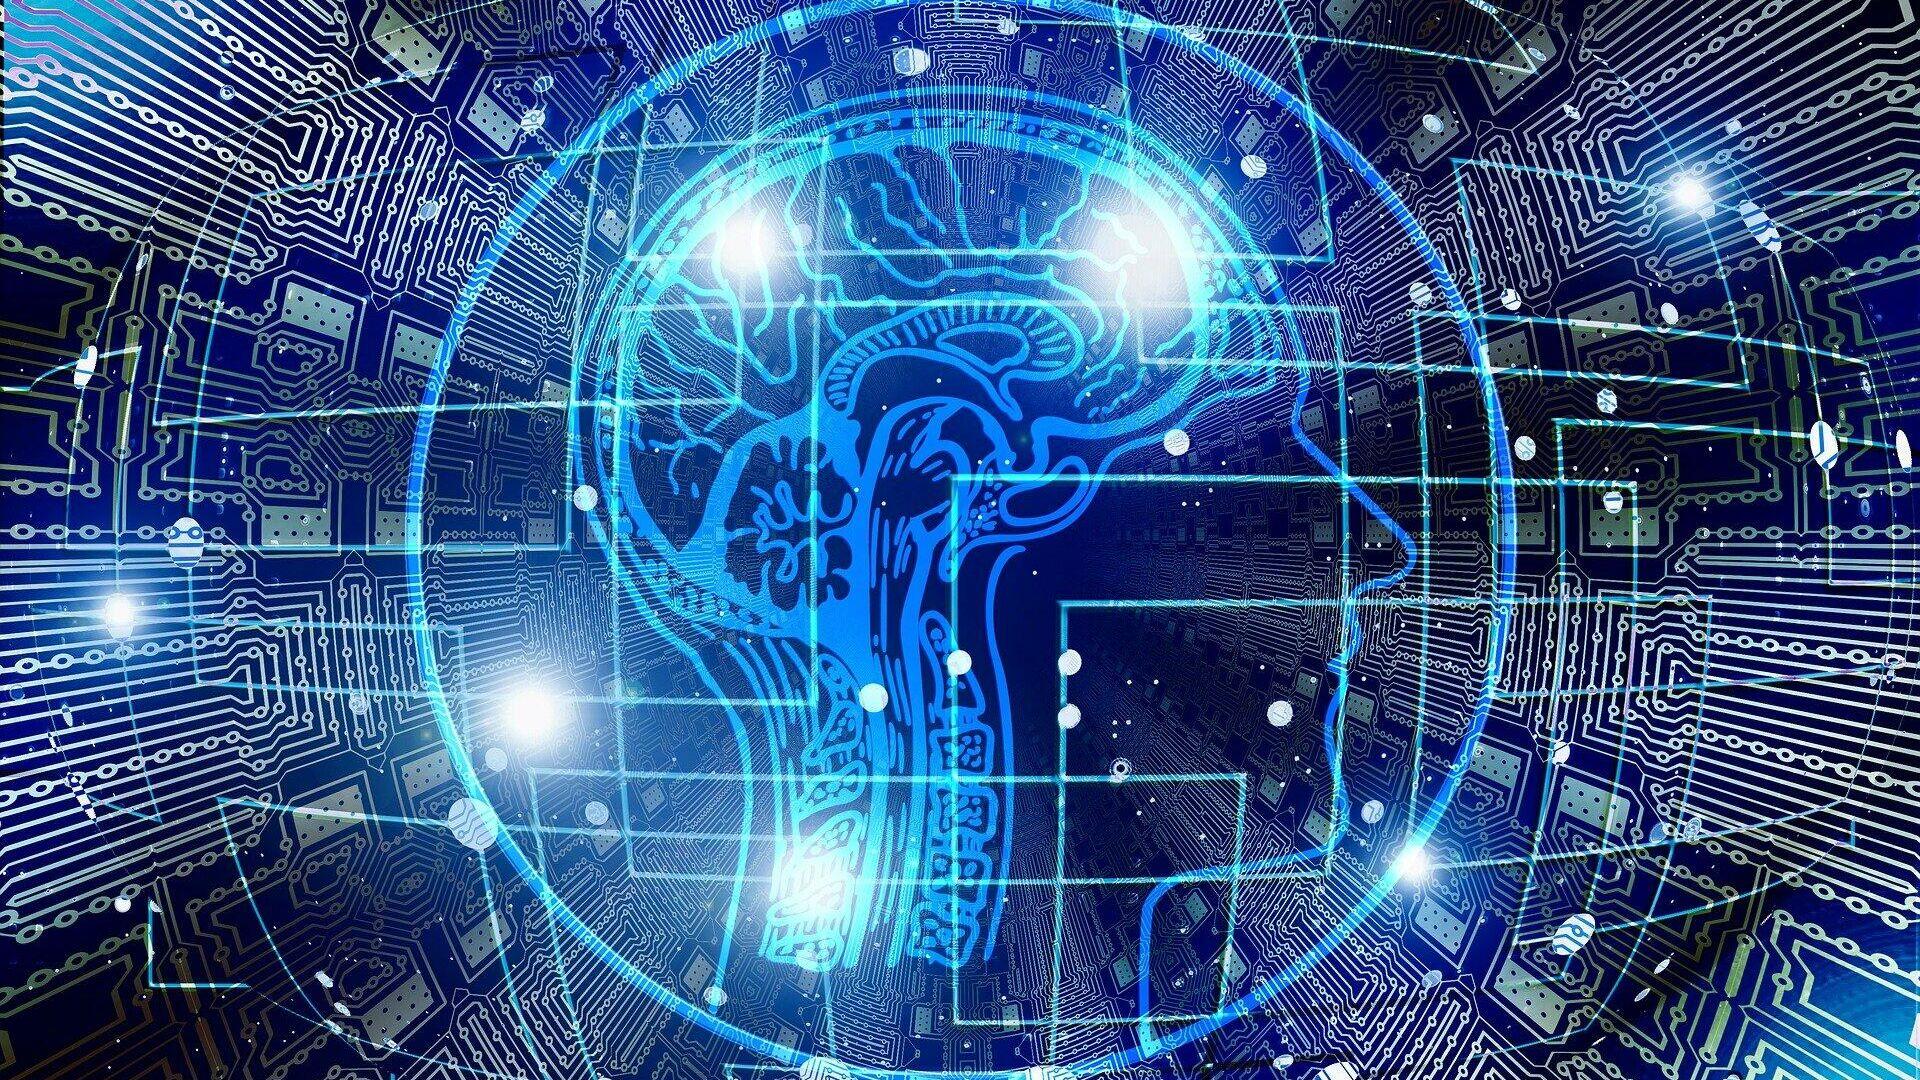 Plataformas de inteligencia artificial para predecir mortalidad por COVID-19 - Sputnik Mundo, 1920, 11.06.2021